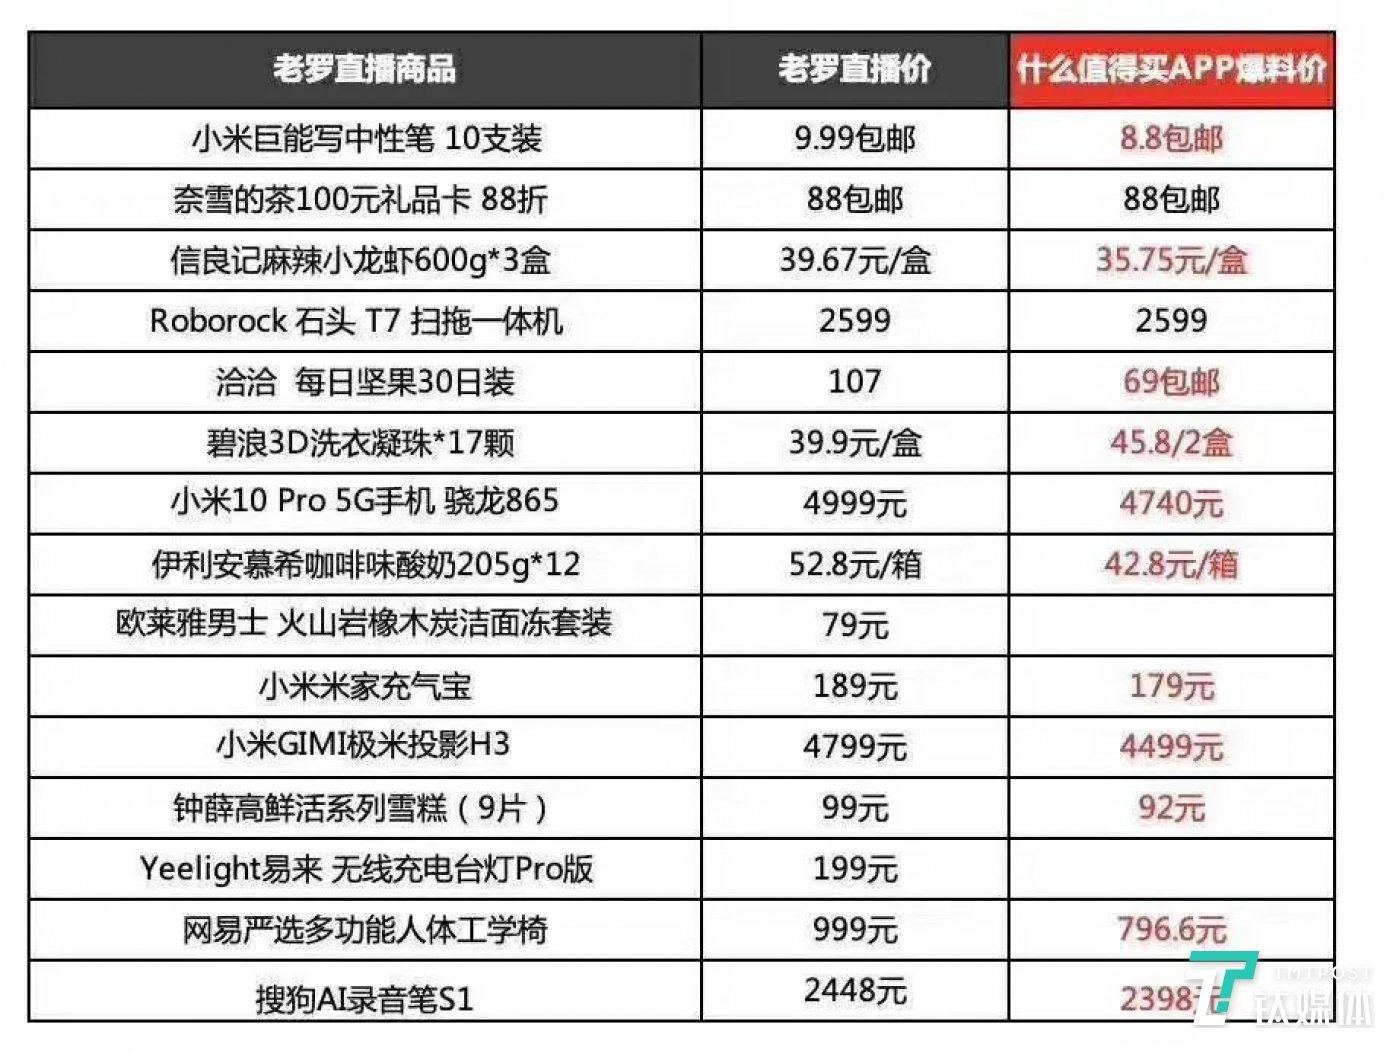 """罗永浩直播间价格与""""全网最低价""""比较"""